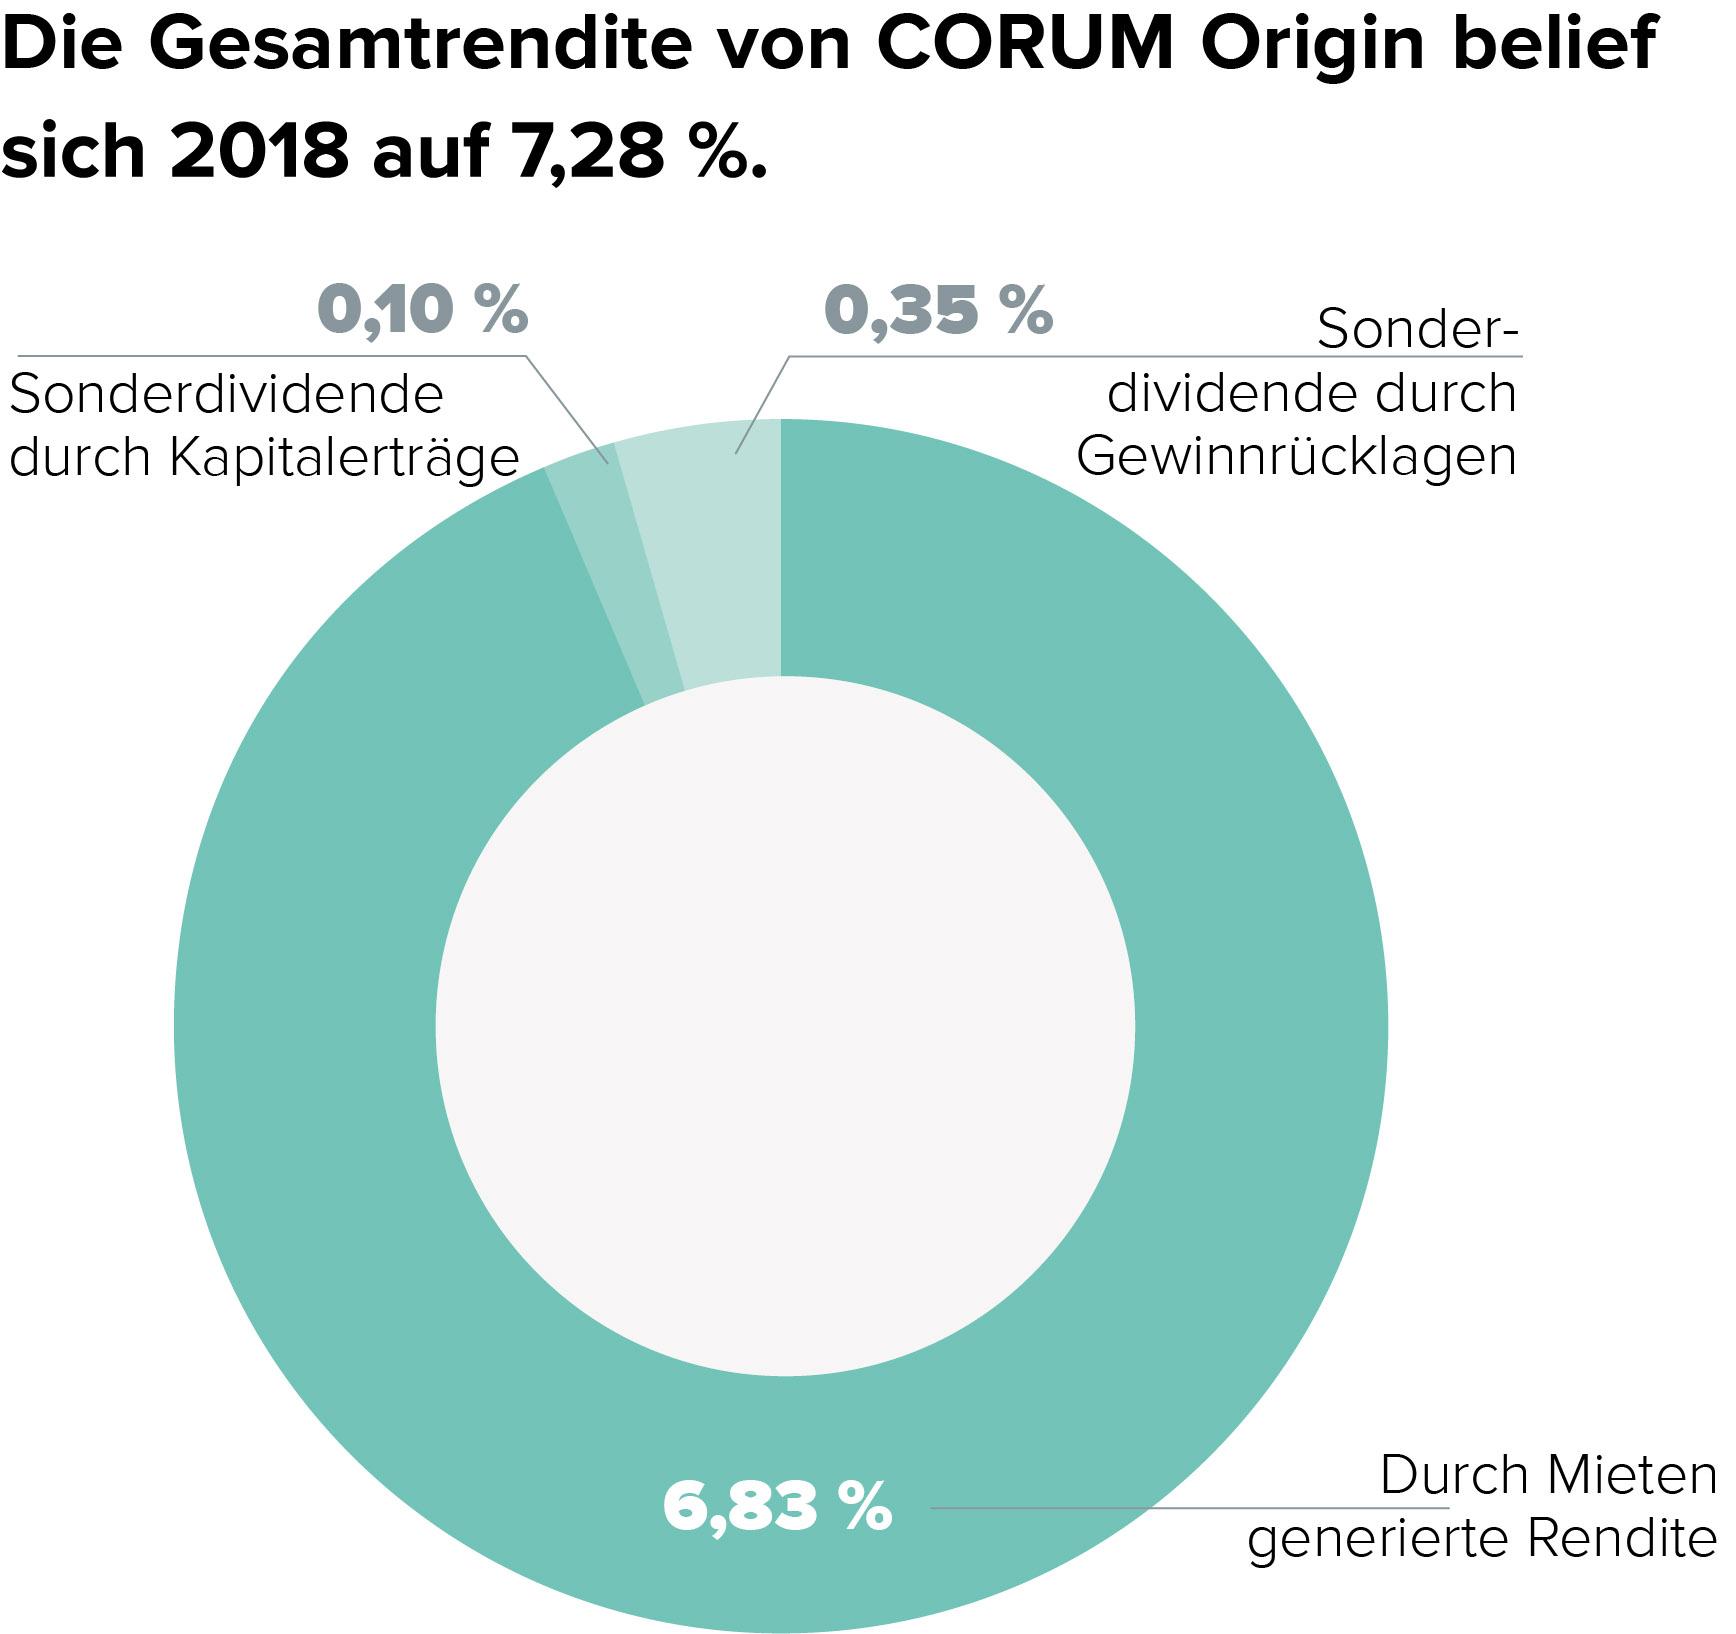 CORUM Origin Gesamtrendite 2018